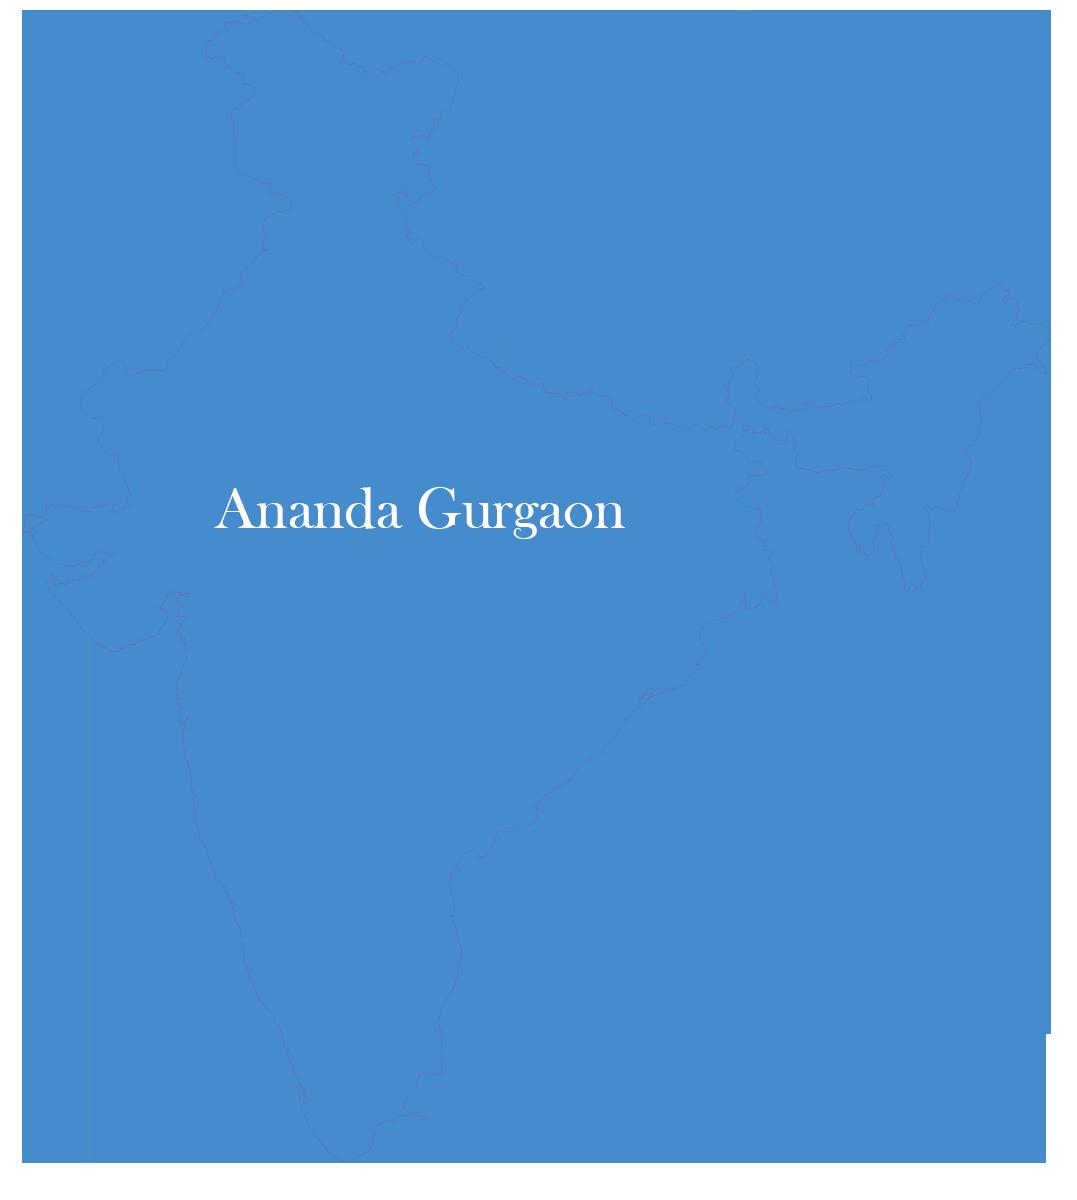 Ananda Gurgaon